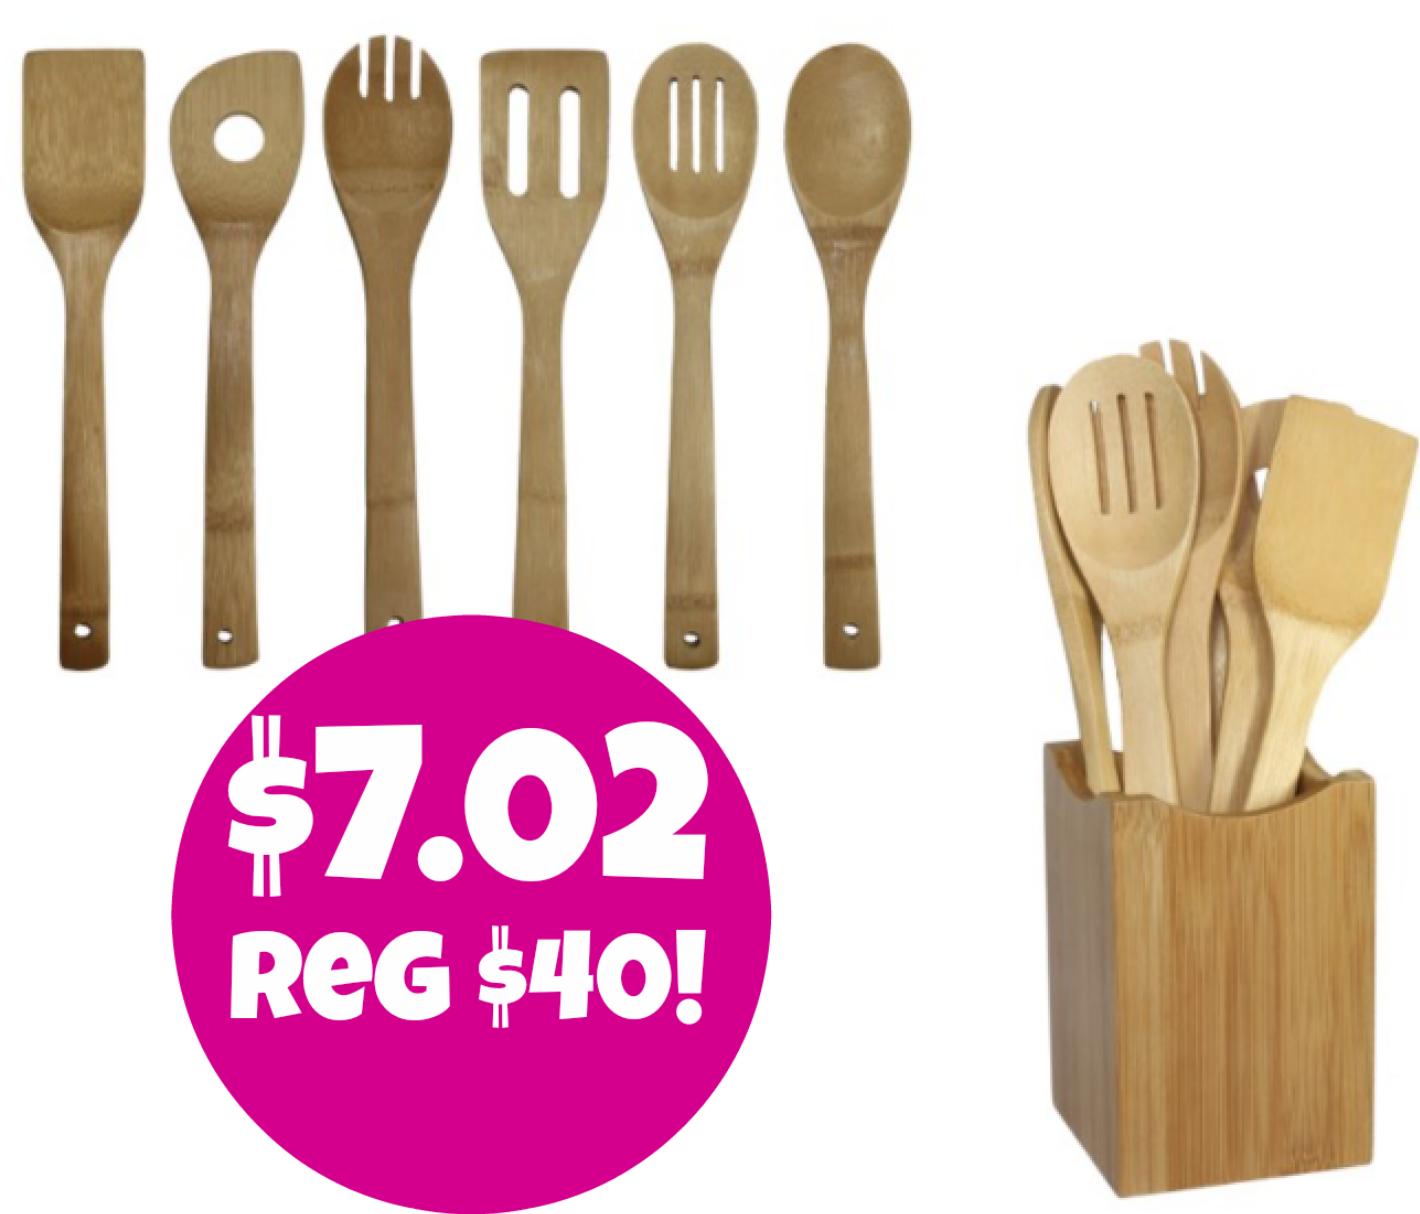 http://www.thebinderladies.com/2015/01/amazon-oceanstar-bamboo-cooking-utensil.html